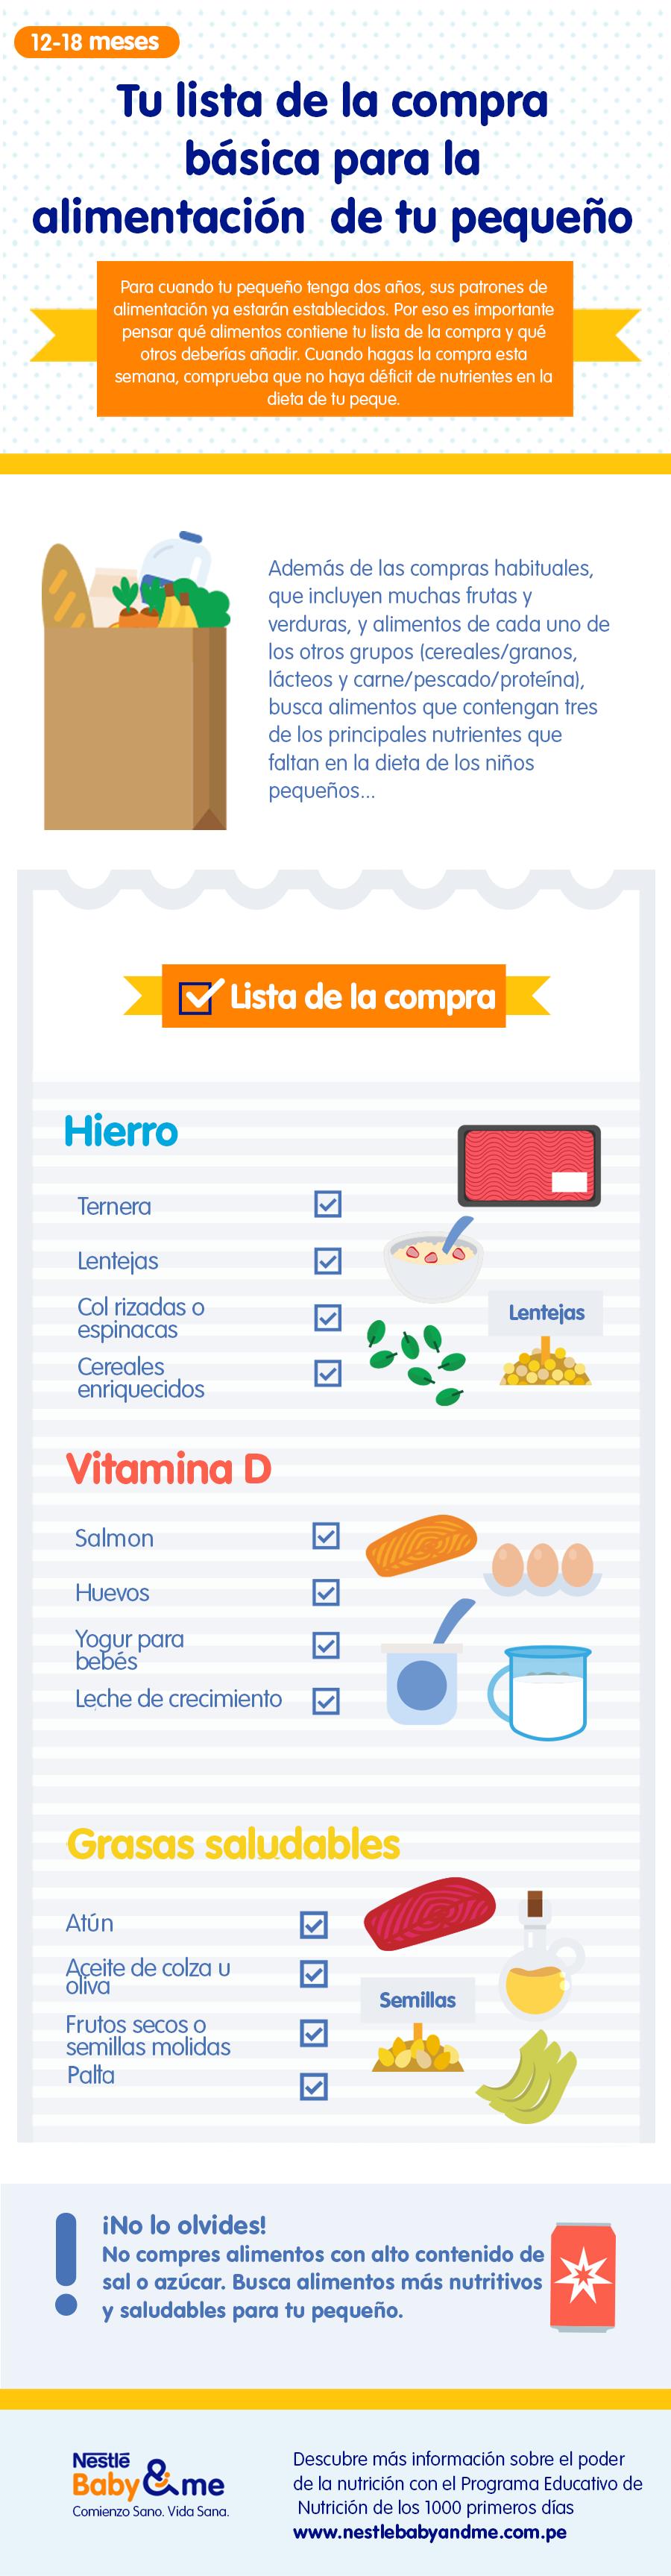 Tu lista de la compra básica para la alimentación de tu pequeño